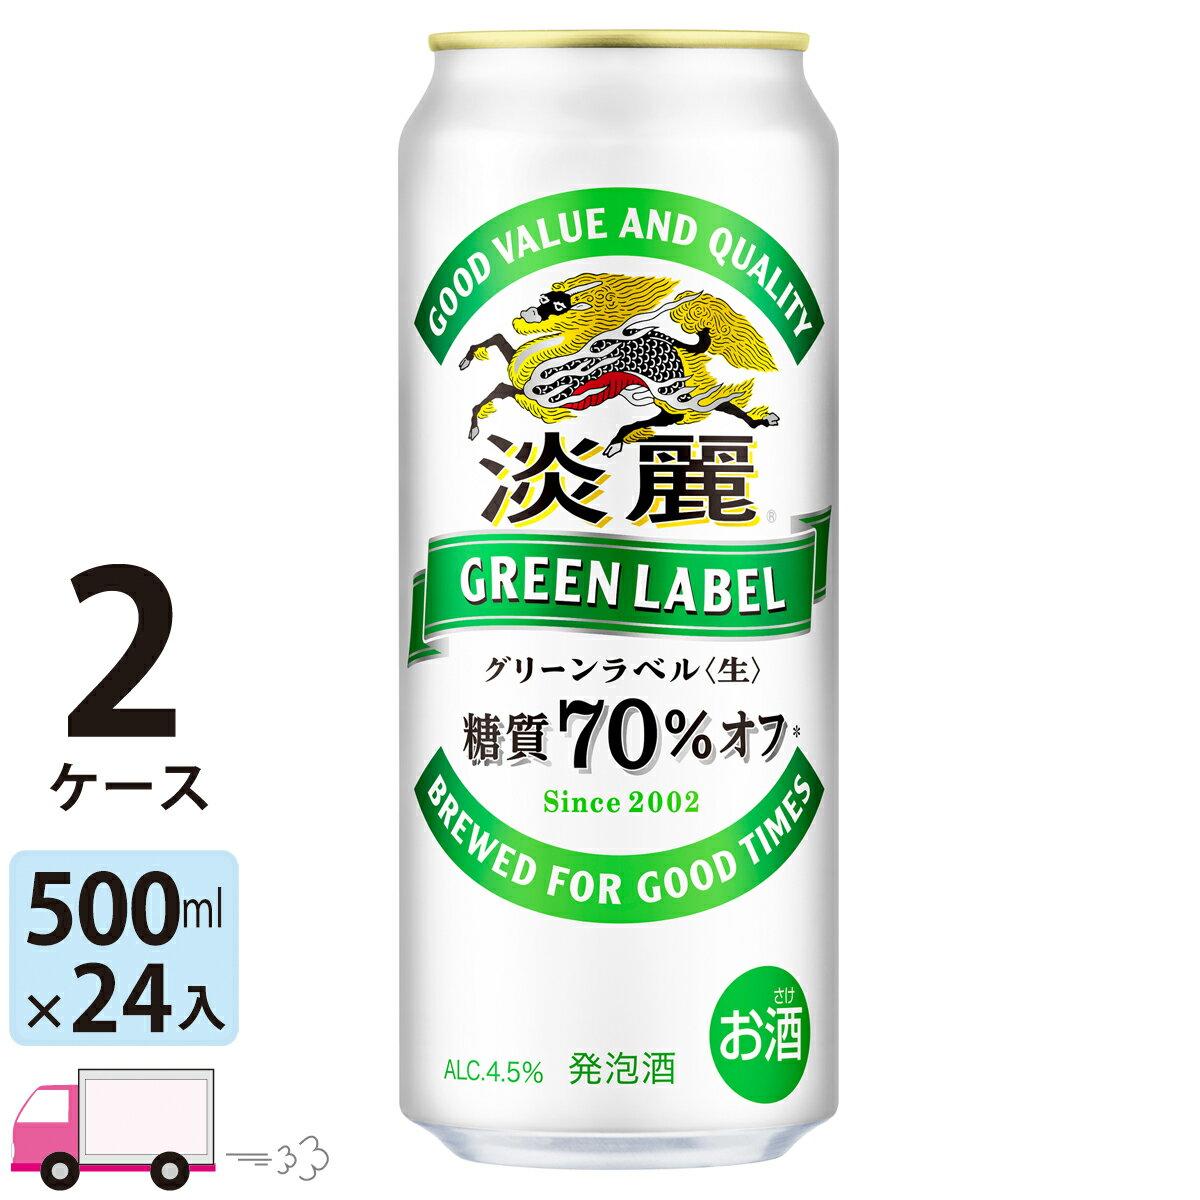 送料無料 キリン ビール 淡麗 グリーンラベル 500ml ×24缶入 2ケース (48本)